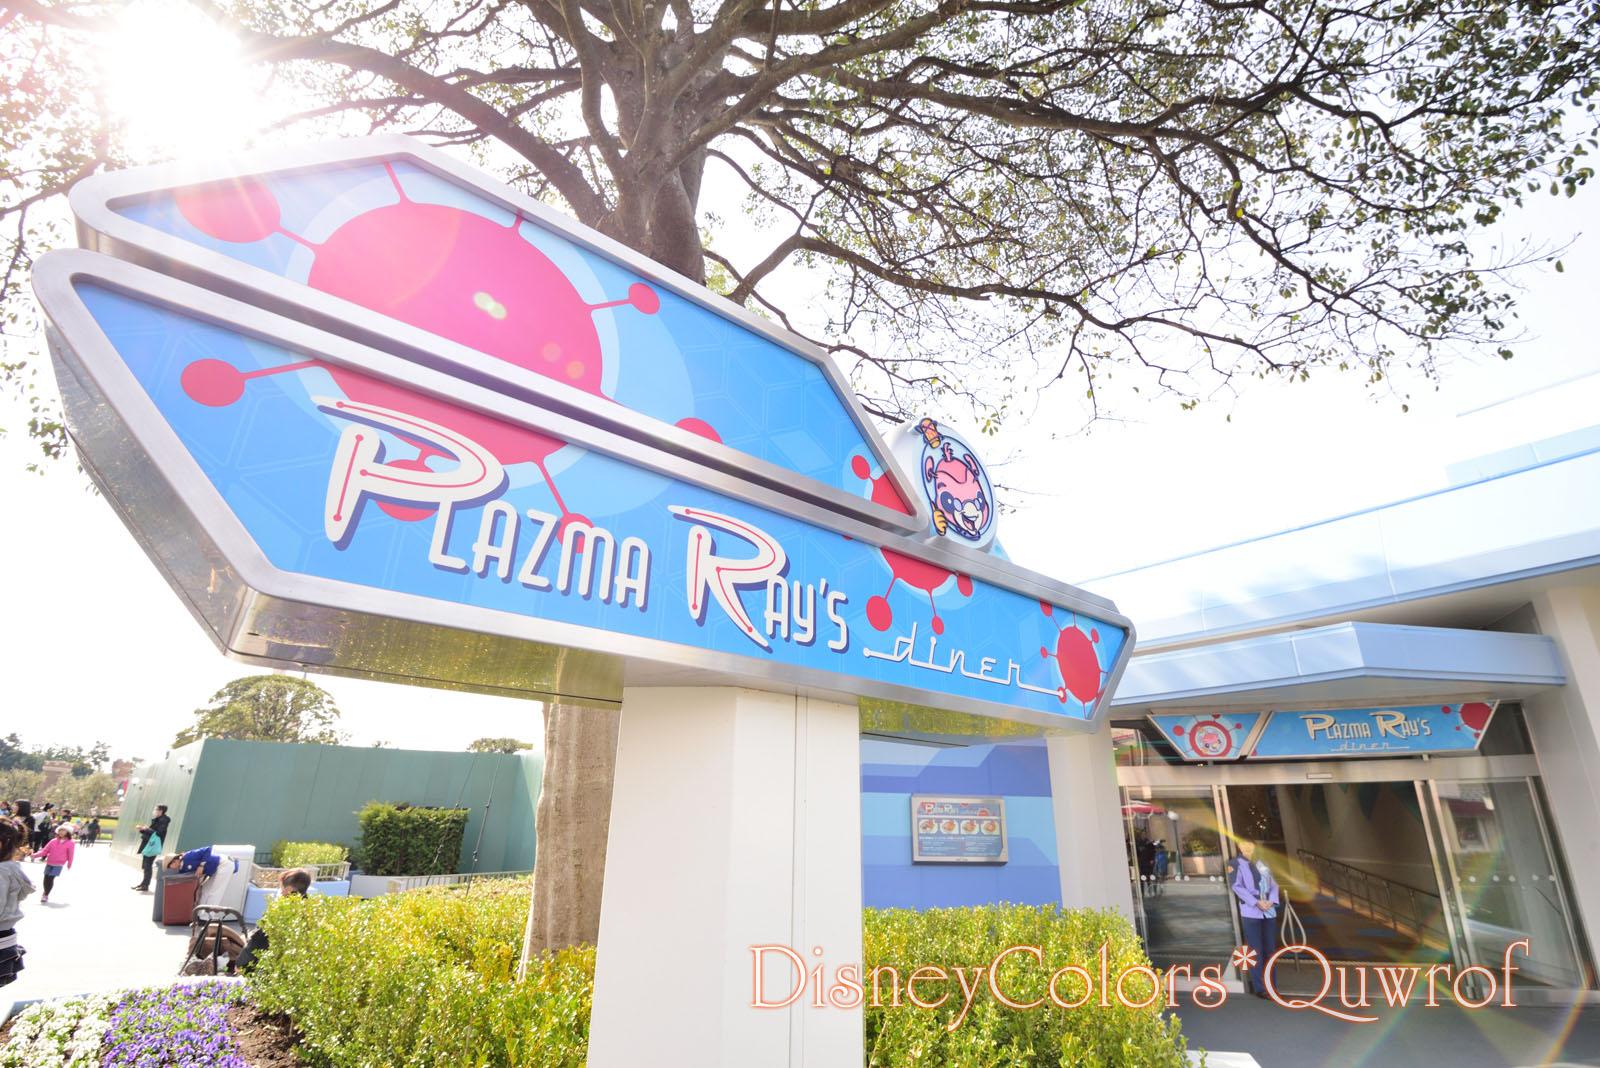 プラズマ・レイズ・ダイナー